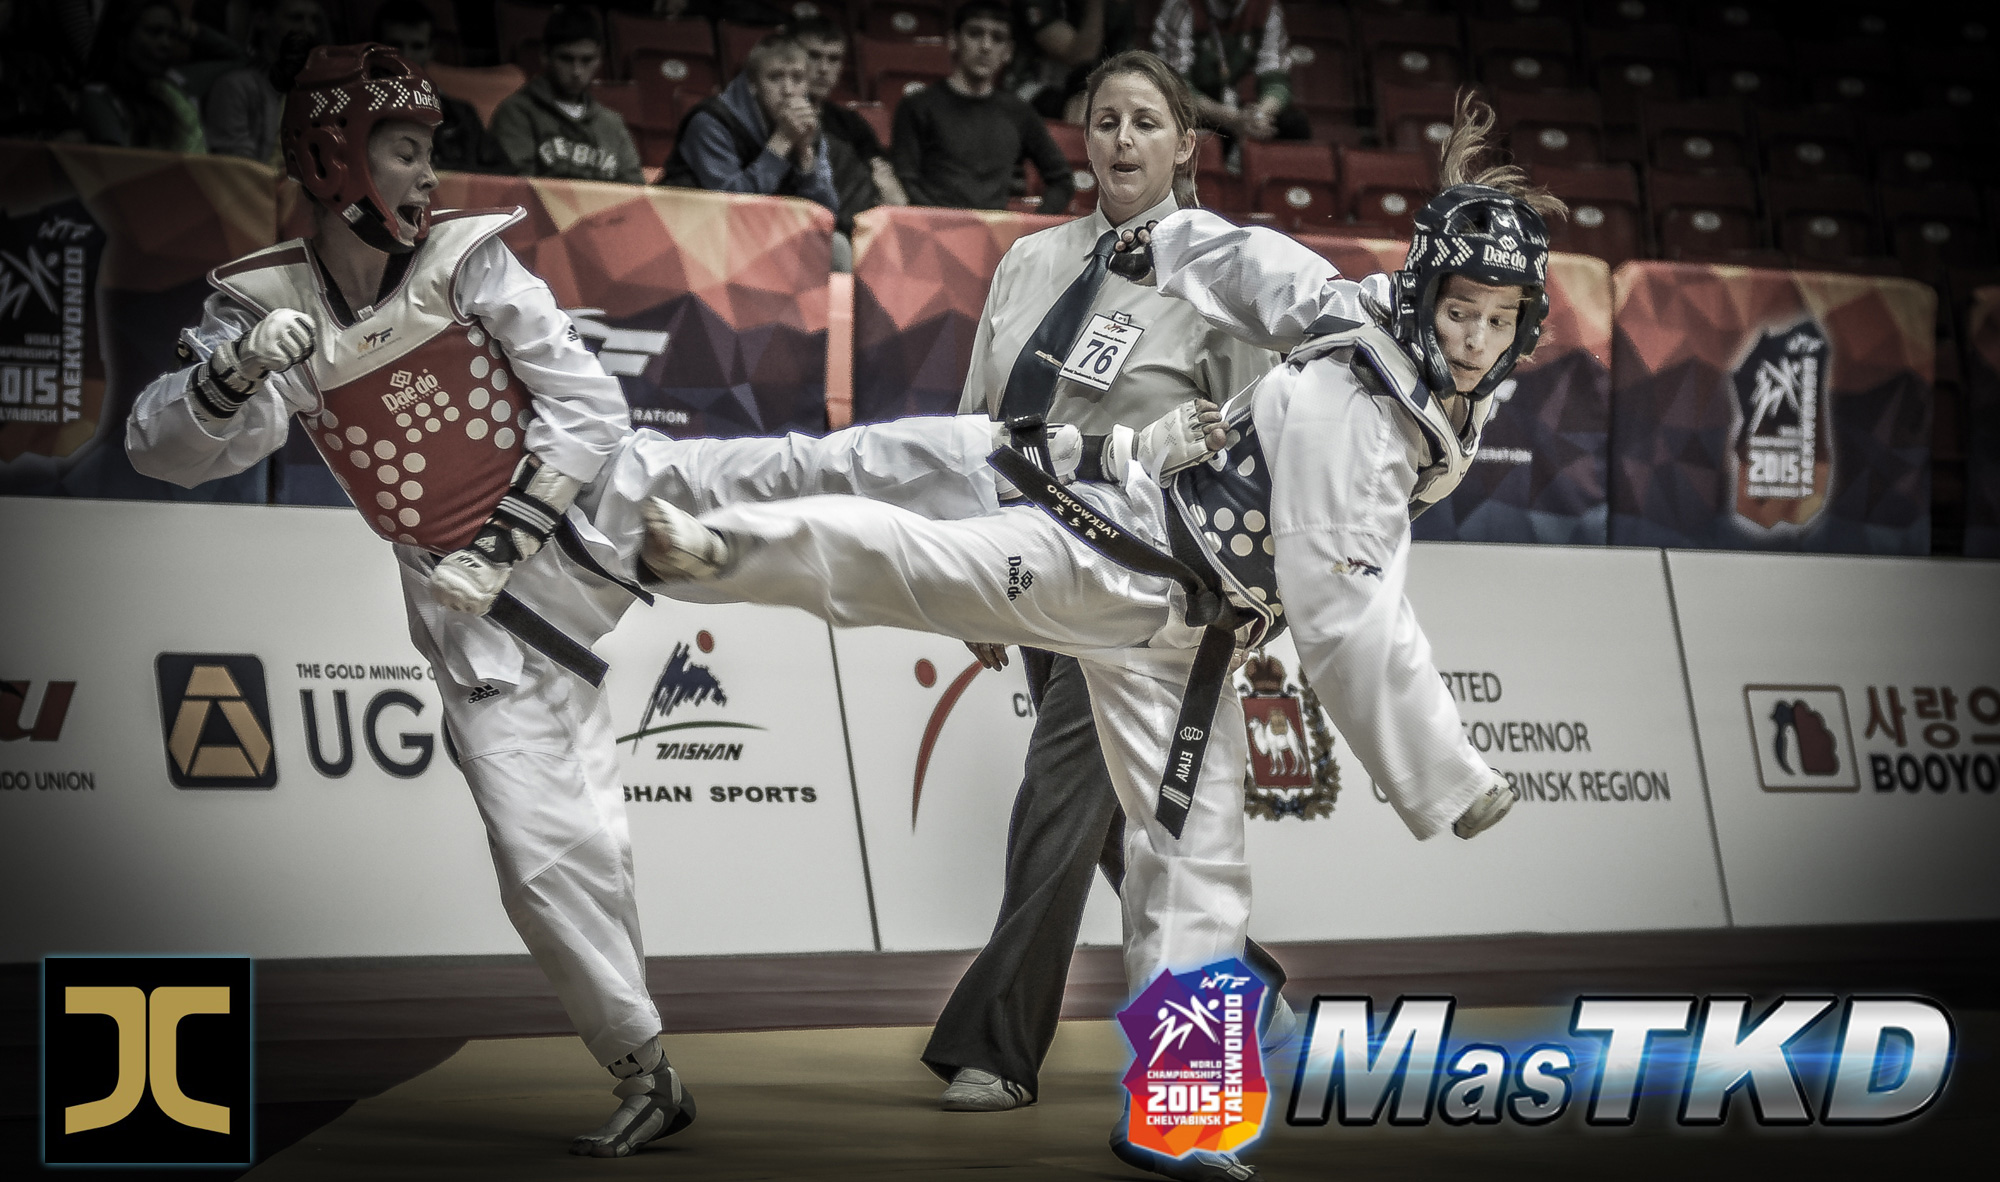 02_20150512_Taekwondo-Mundial_JC-Seleccion_D1